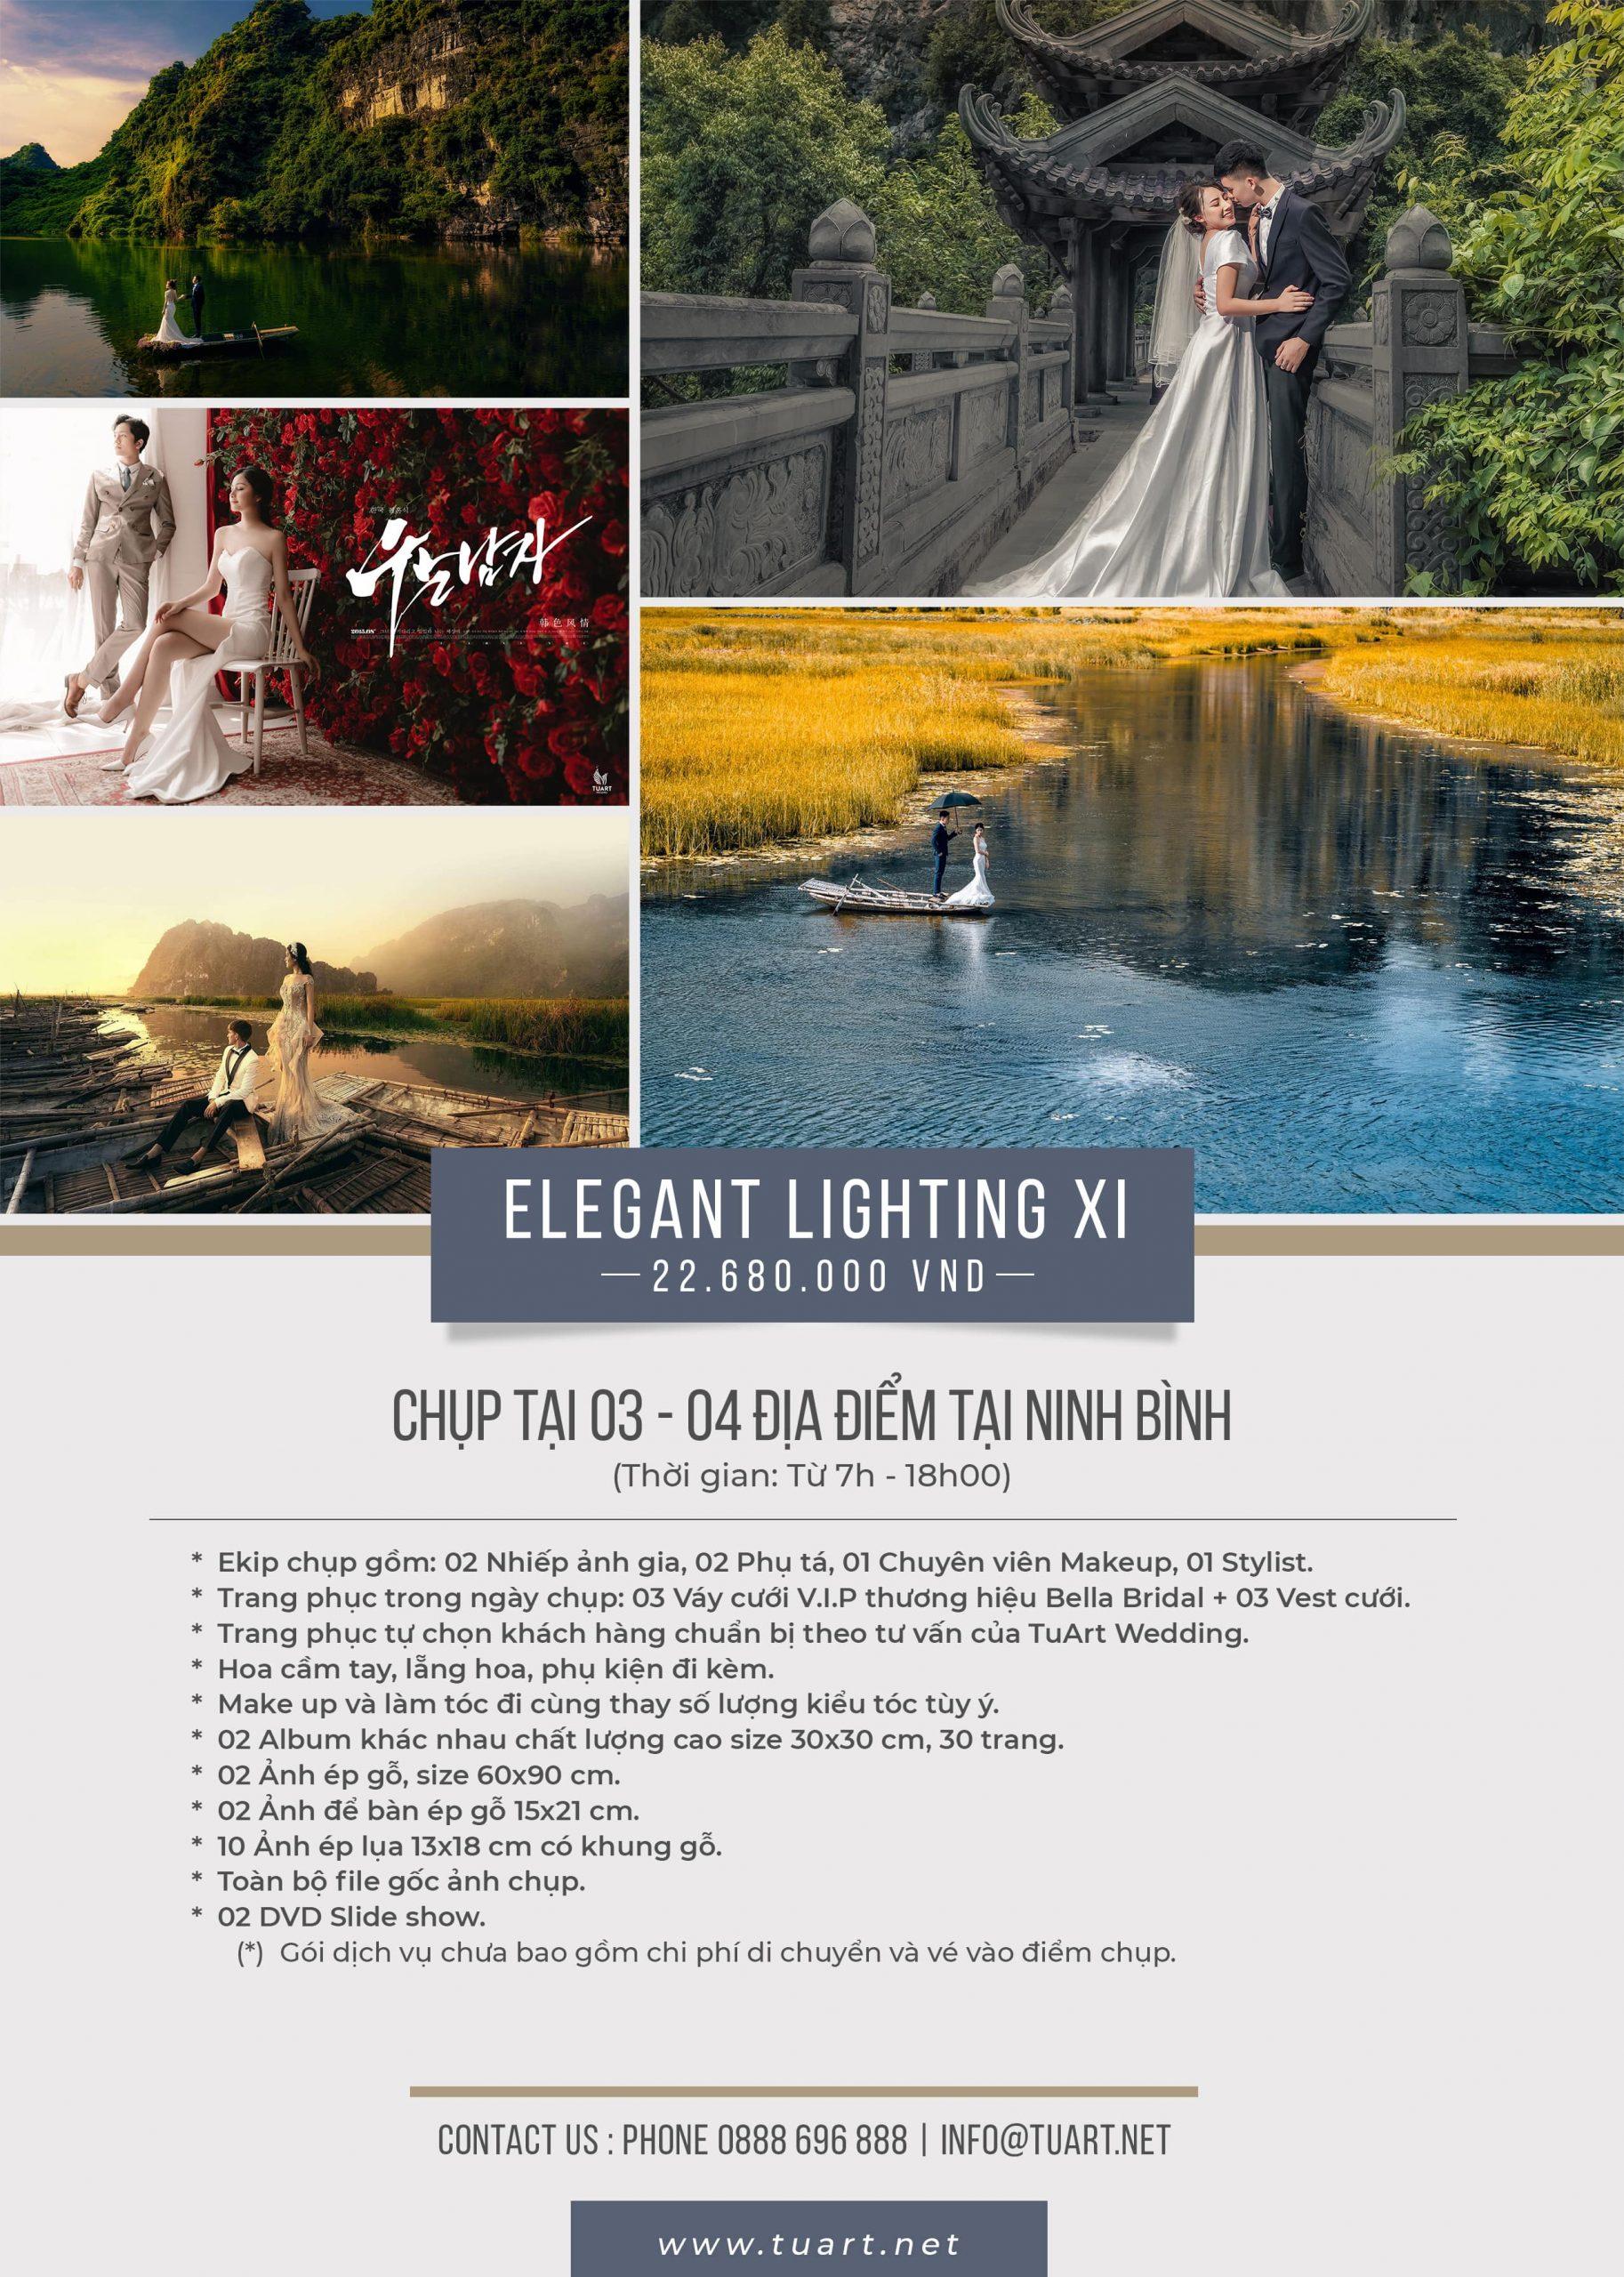 ELEGANT LIGHTING XI